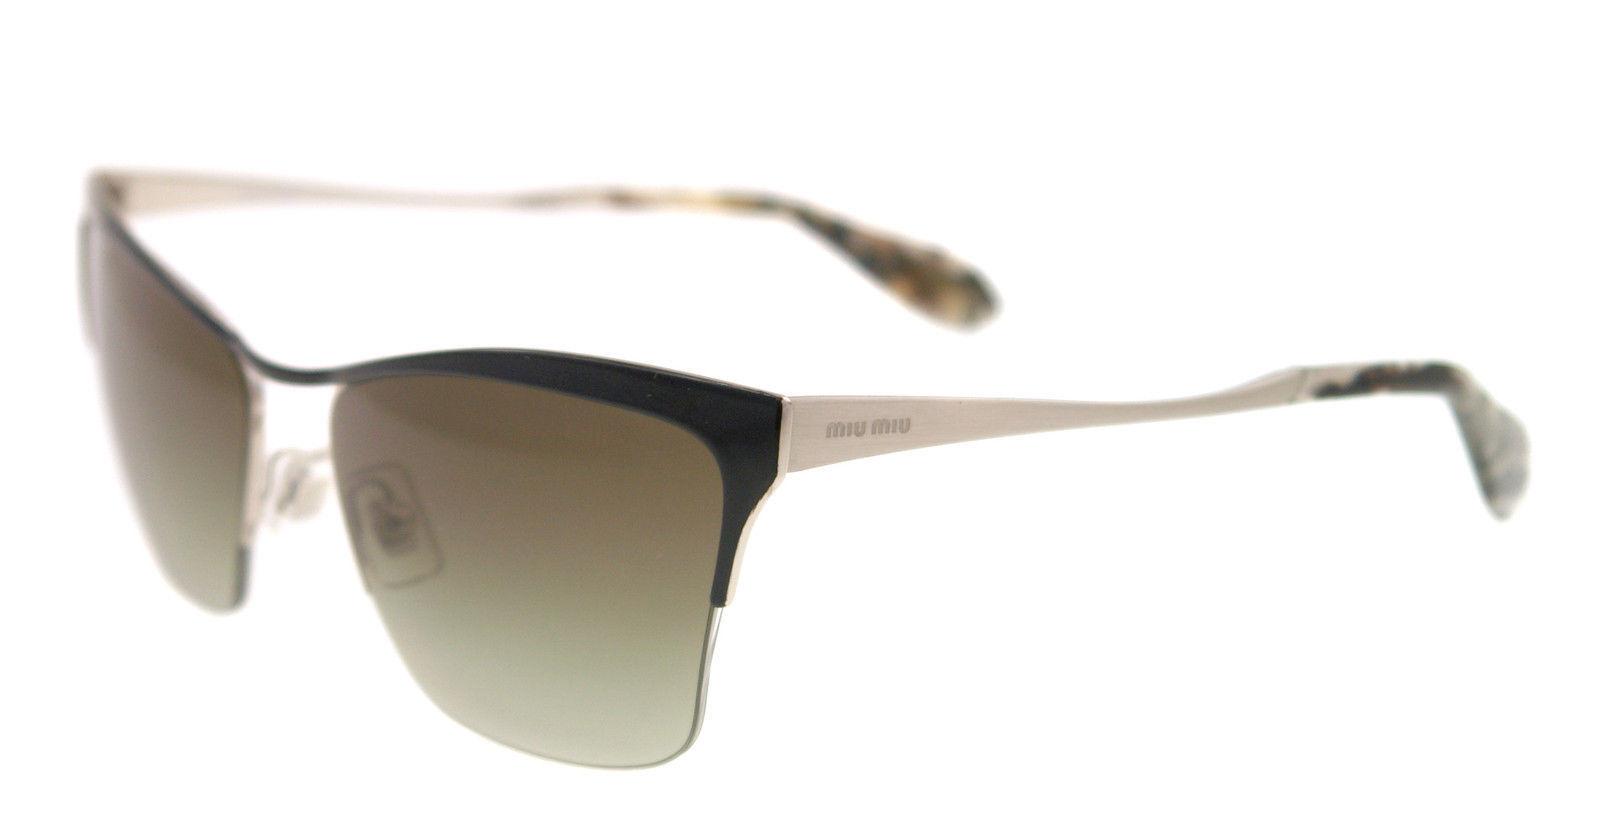 Miu Miu Sunglasses Cat Eye Ebay